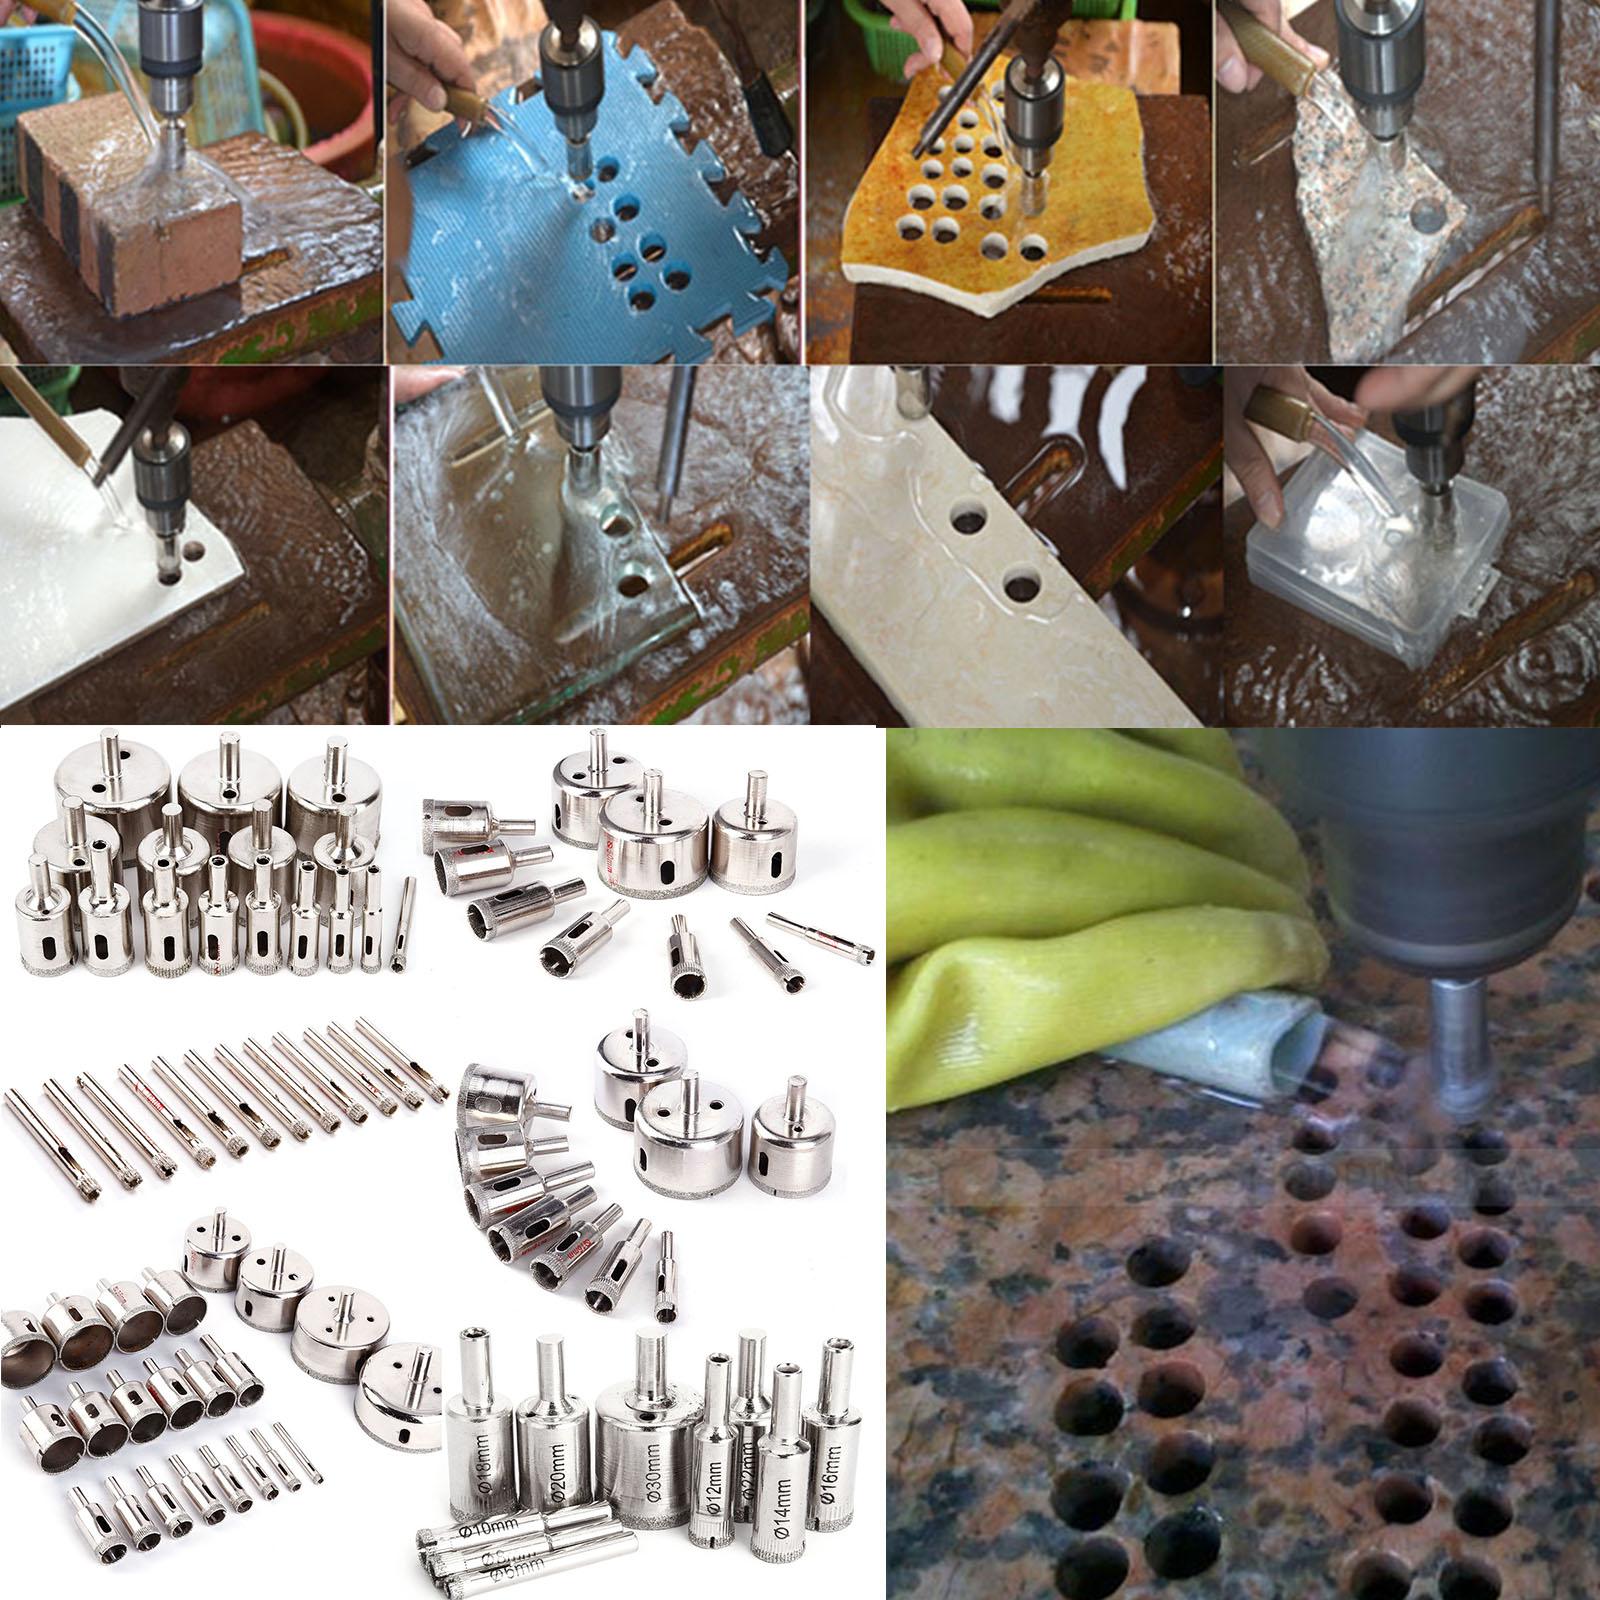 Set diverso 6 70mm punte per trapano diamante granito piastrelle vetro ceramica - Punte per piastrelle ...